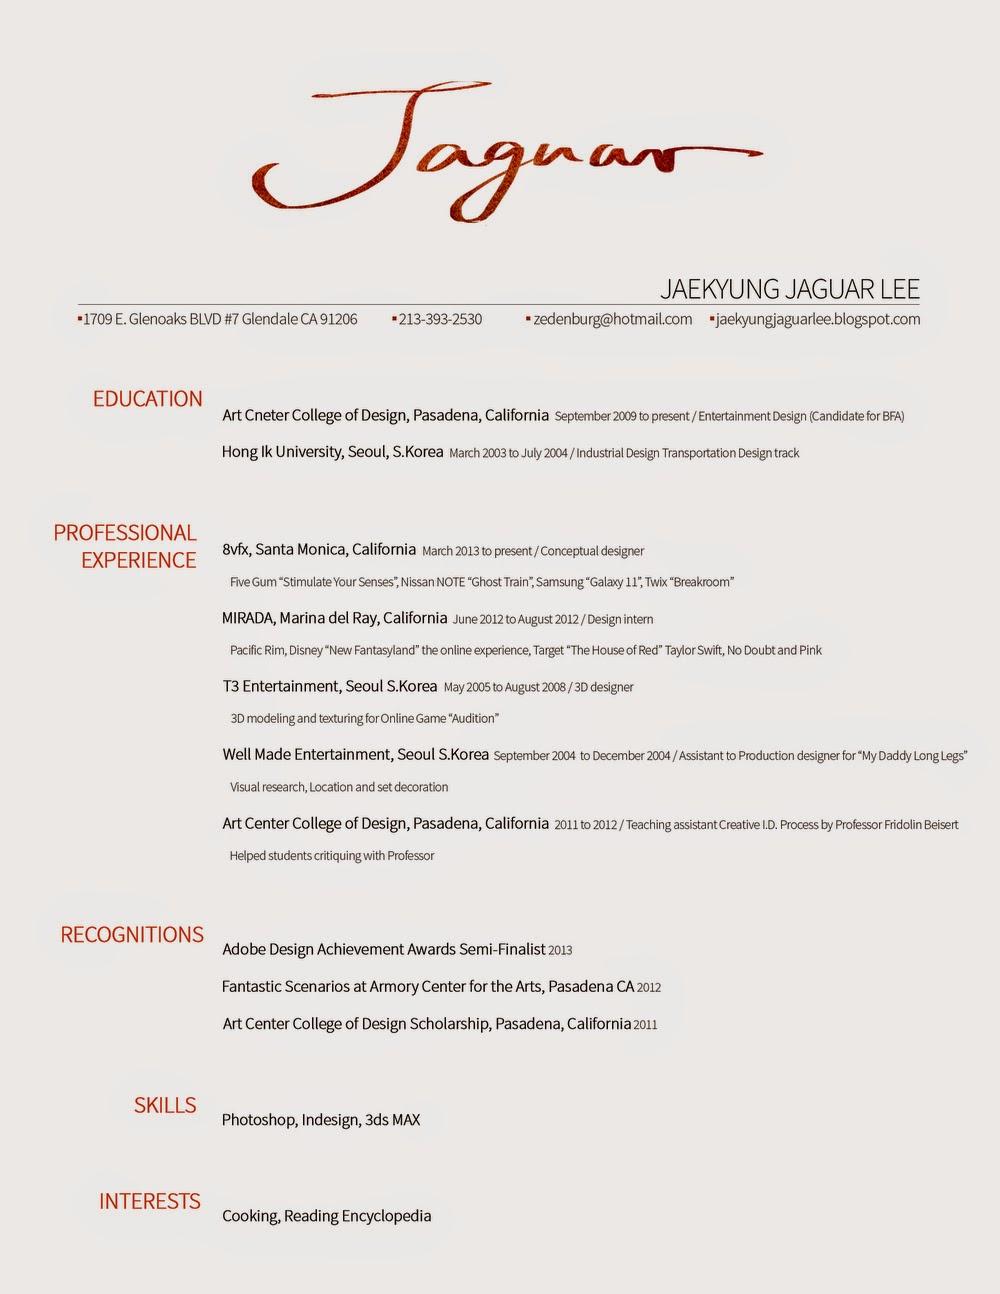 Creative Resume Template 81 Free Samples Examples Jaekyung Jaguar Lee Resume